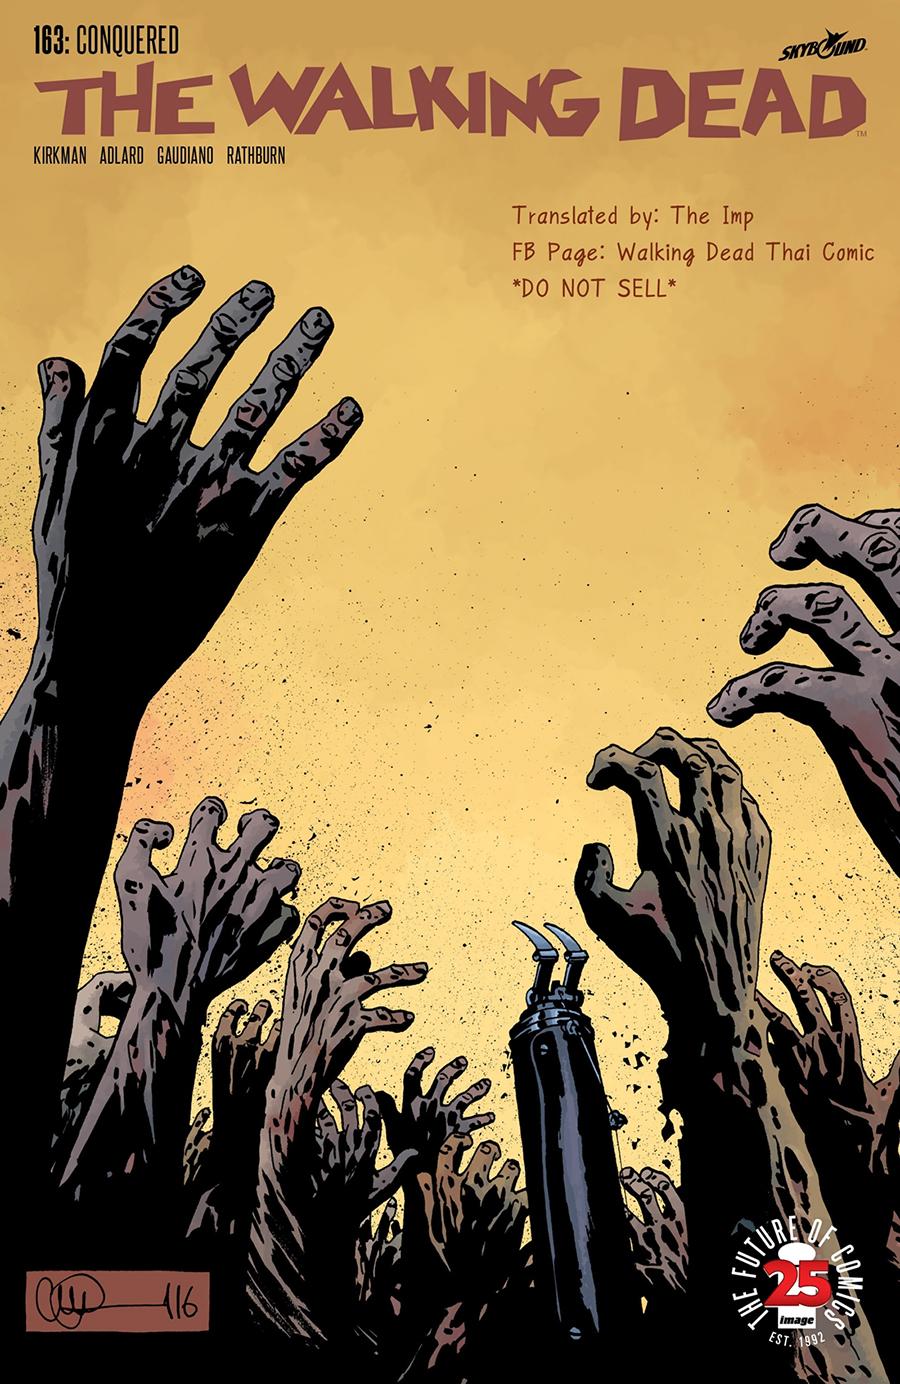 The Walking Dead-ตอนที่ 163